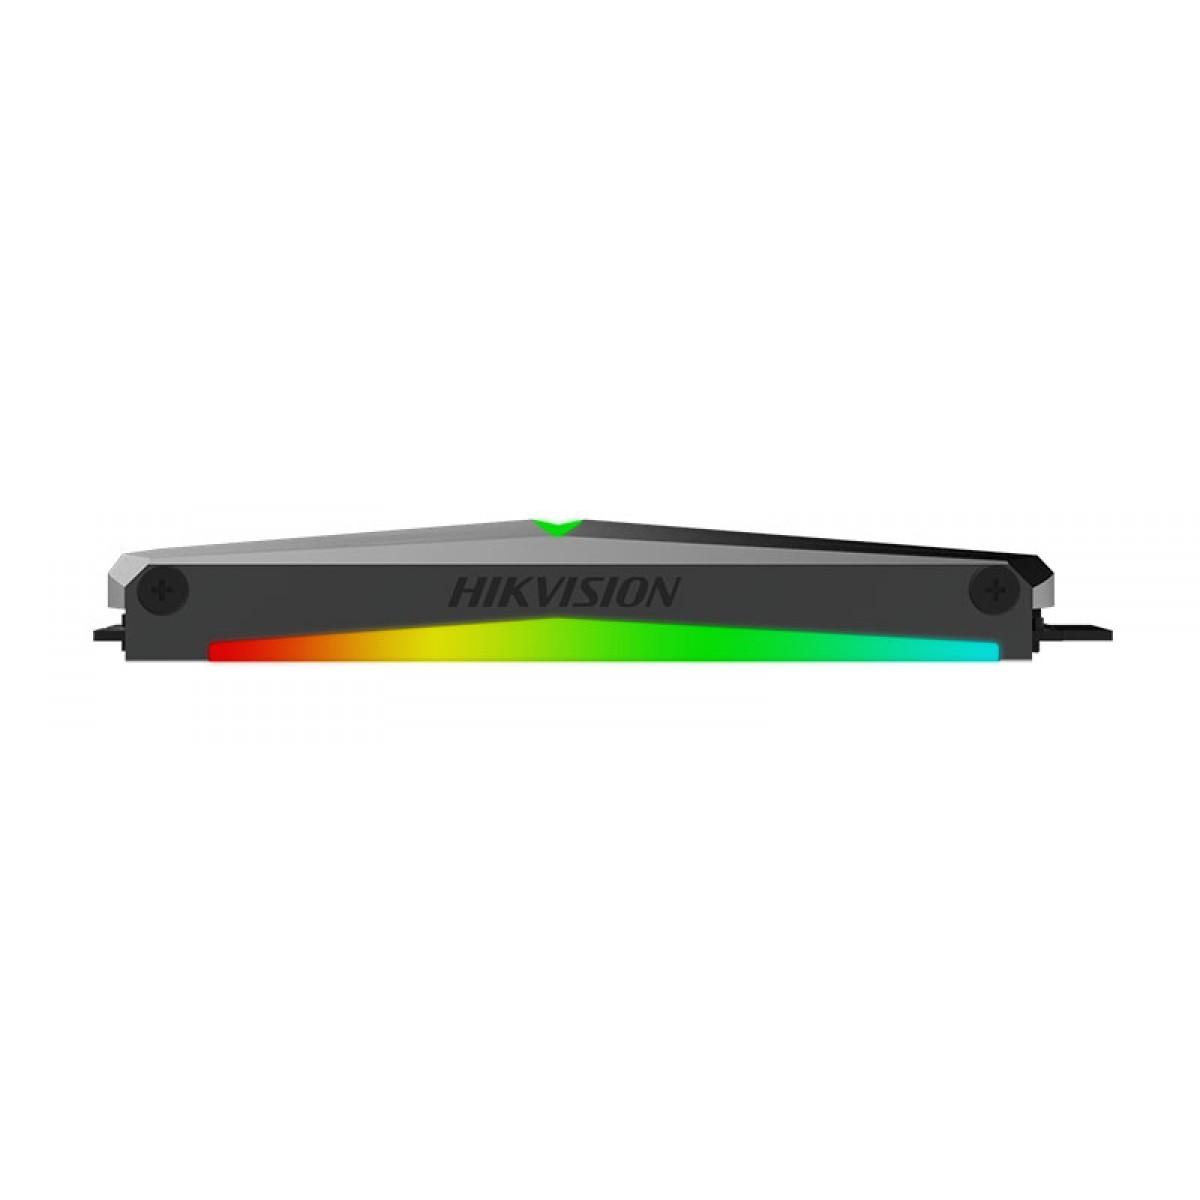 SSD Hikvision E-2000R 256GB, M.2 NVME, Leitura 3100MBs e Gravação 1000MBs, HS-SSD-E2000R-256GB